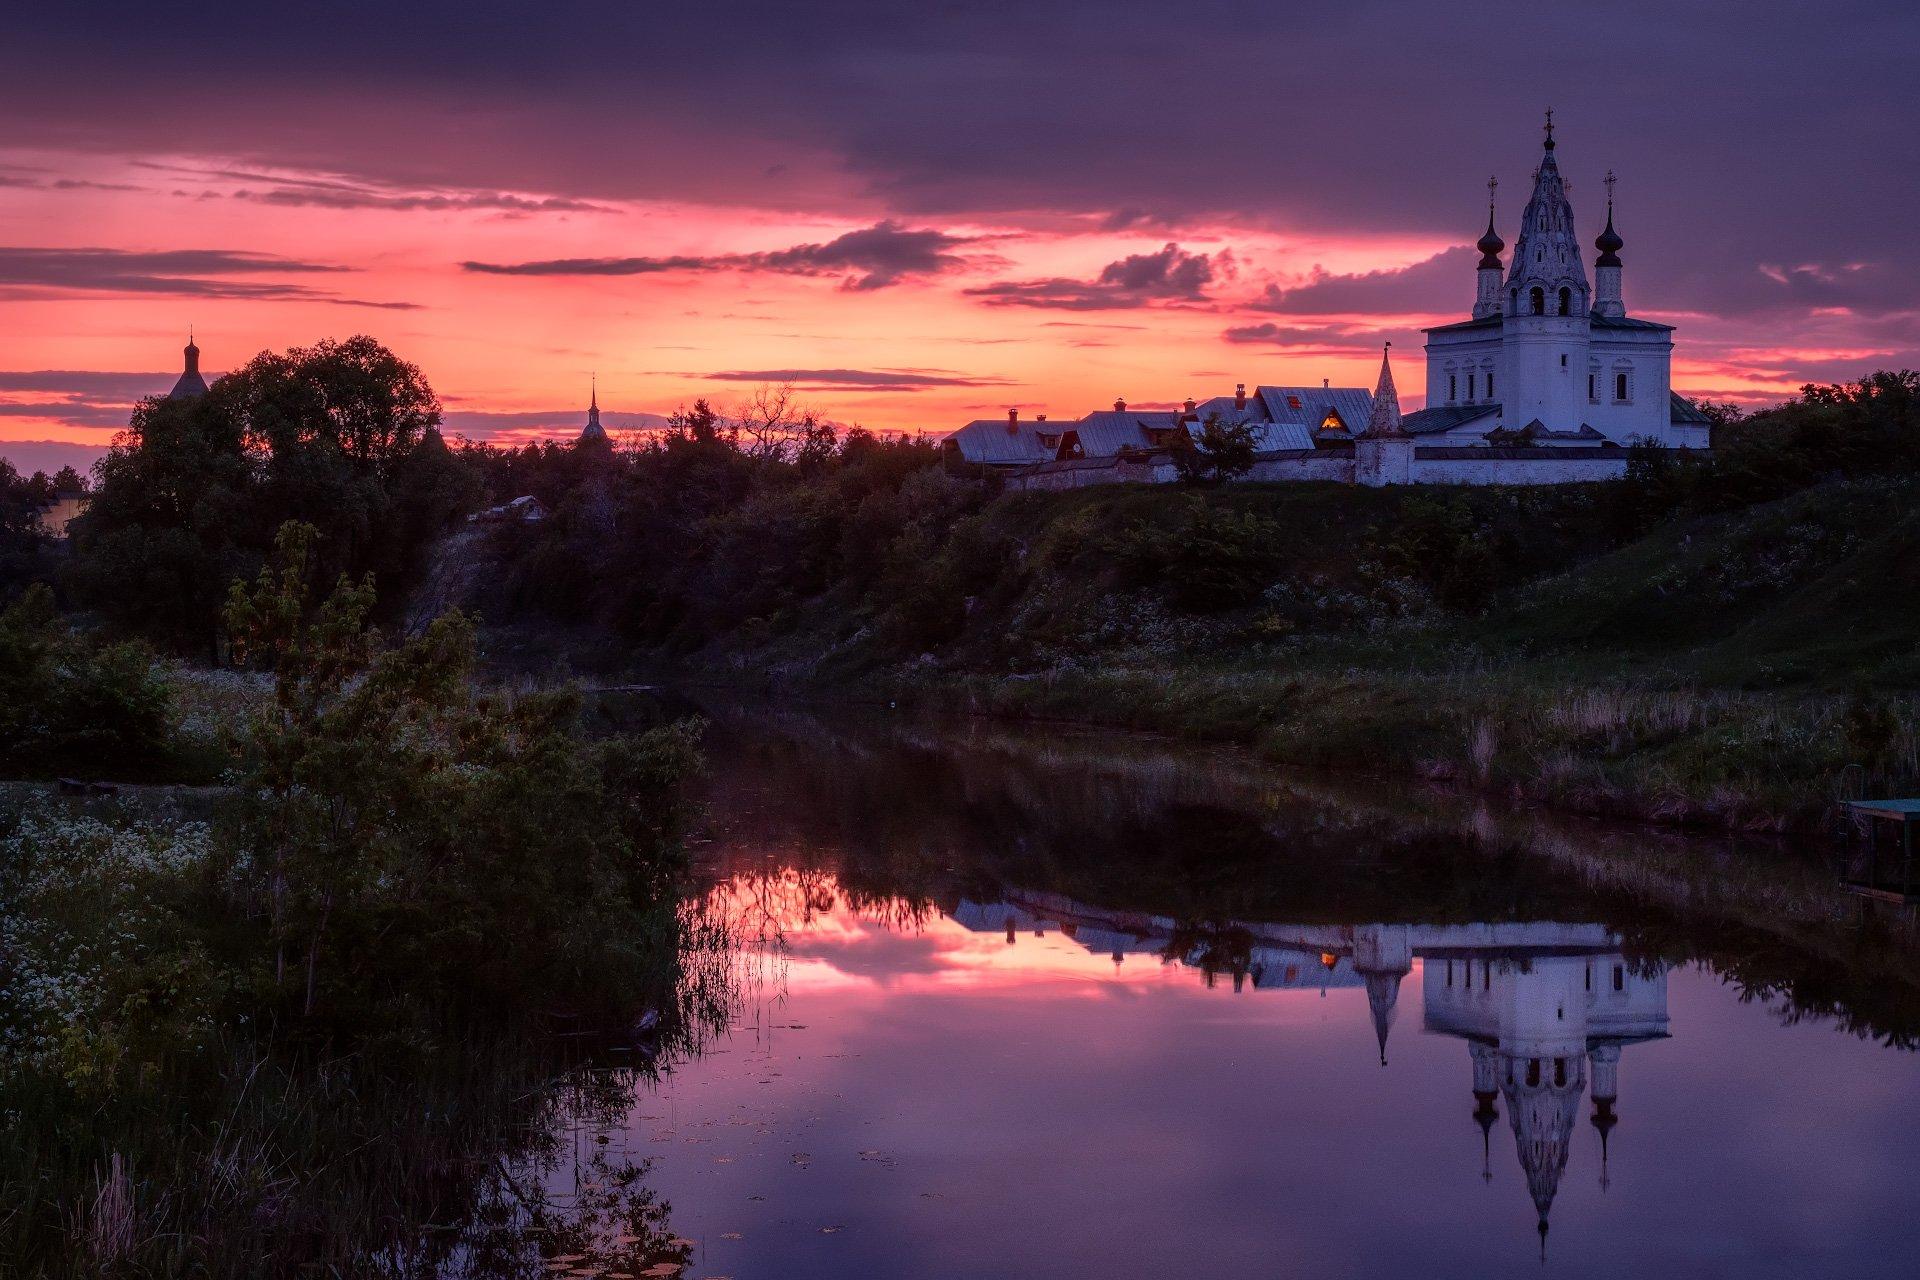 пейзаж, суздаль, каменка, река, монастырь, ночь, рассвет, Андрей Чиж